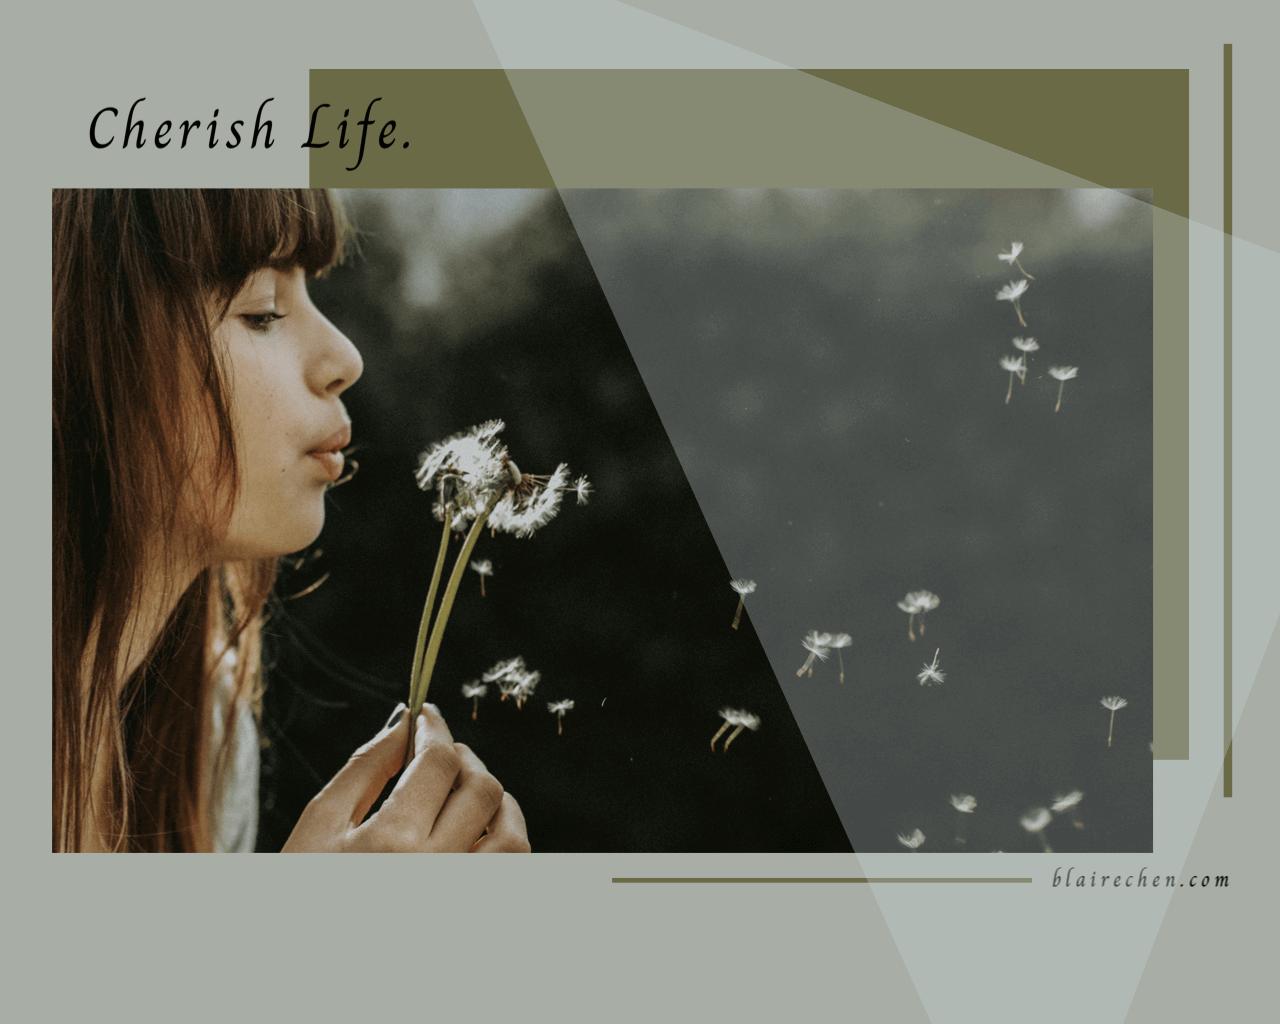 人生對你而言是長是短呢?趁這個世界慢下來,細細品味、好好思考生命的每個層次!